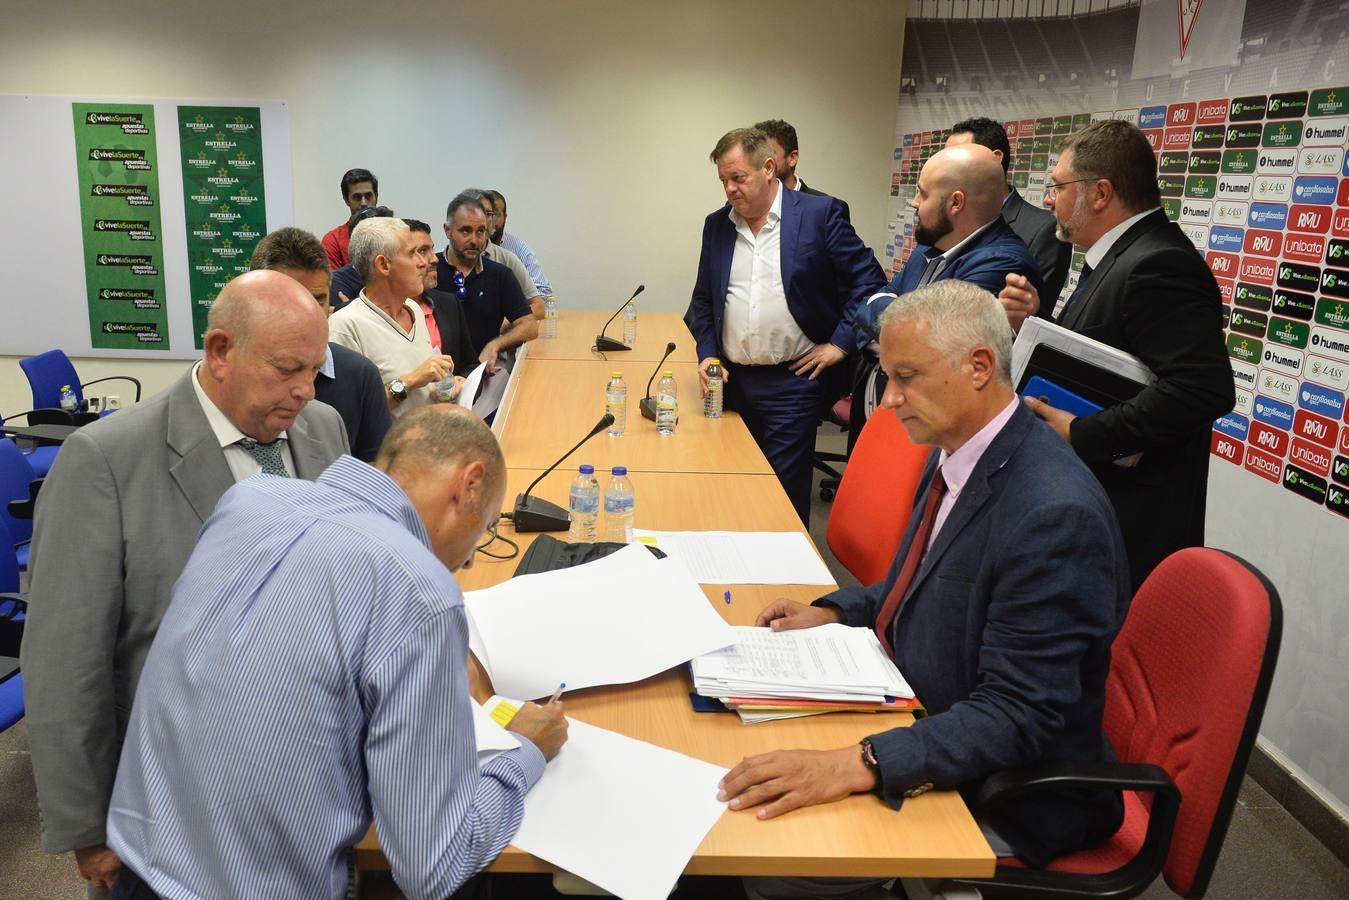 La Junta aprueba la ampliación de capital sin la presencia de De la Vega